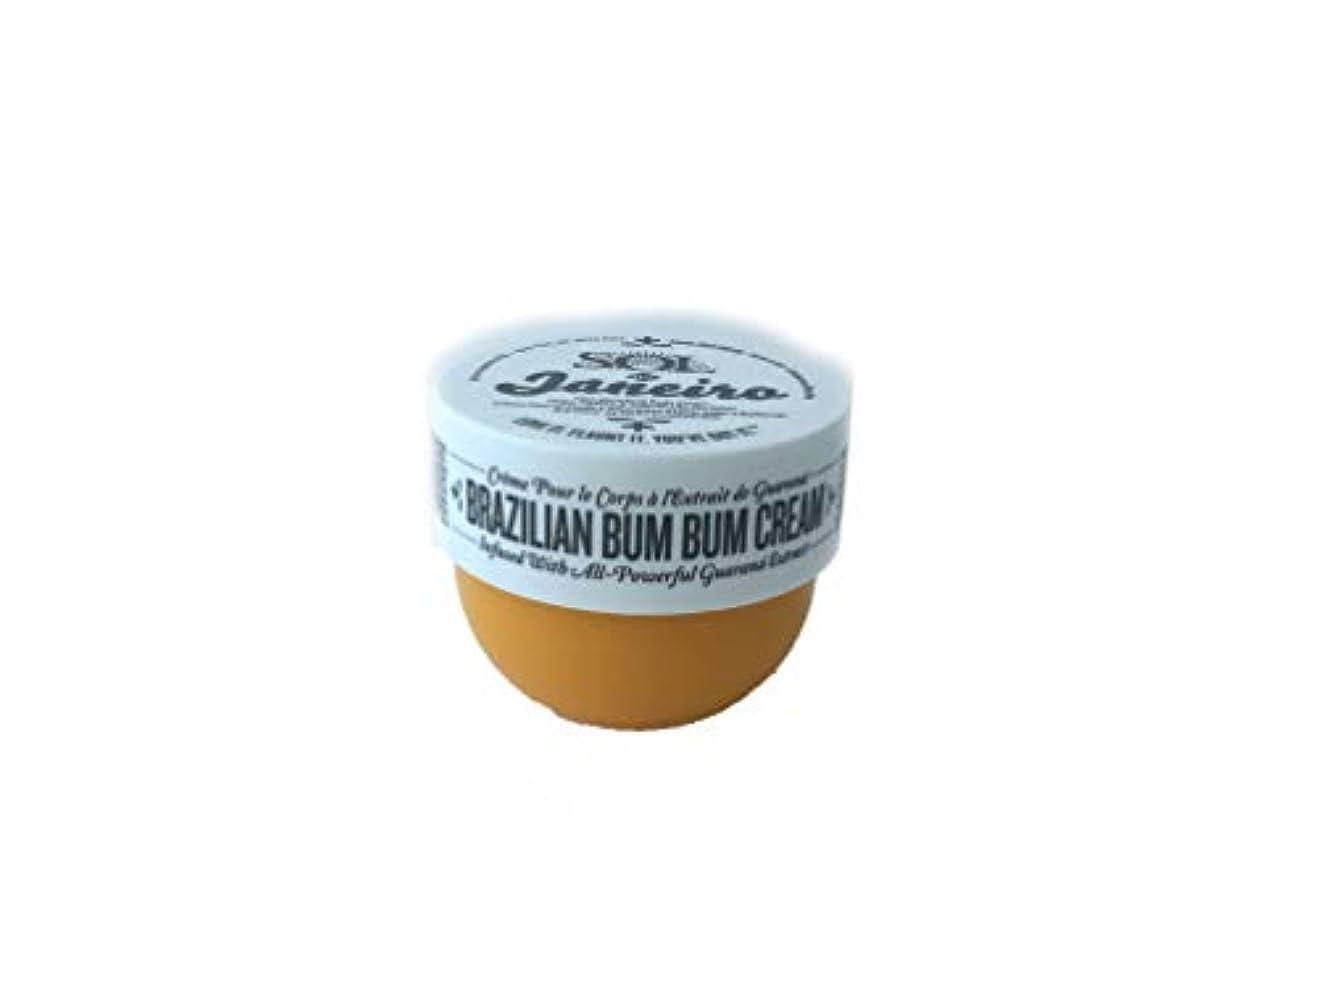 夢修正する寄託Brazilian BUM BUM Cream 25ml トライアルサイズ【並行輸入品】